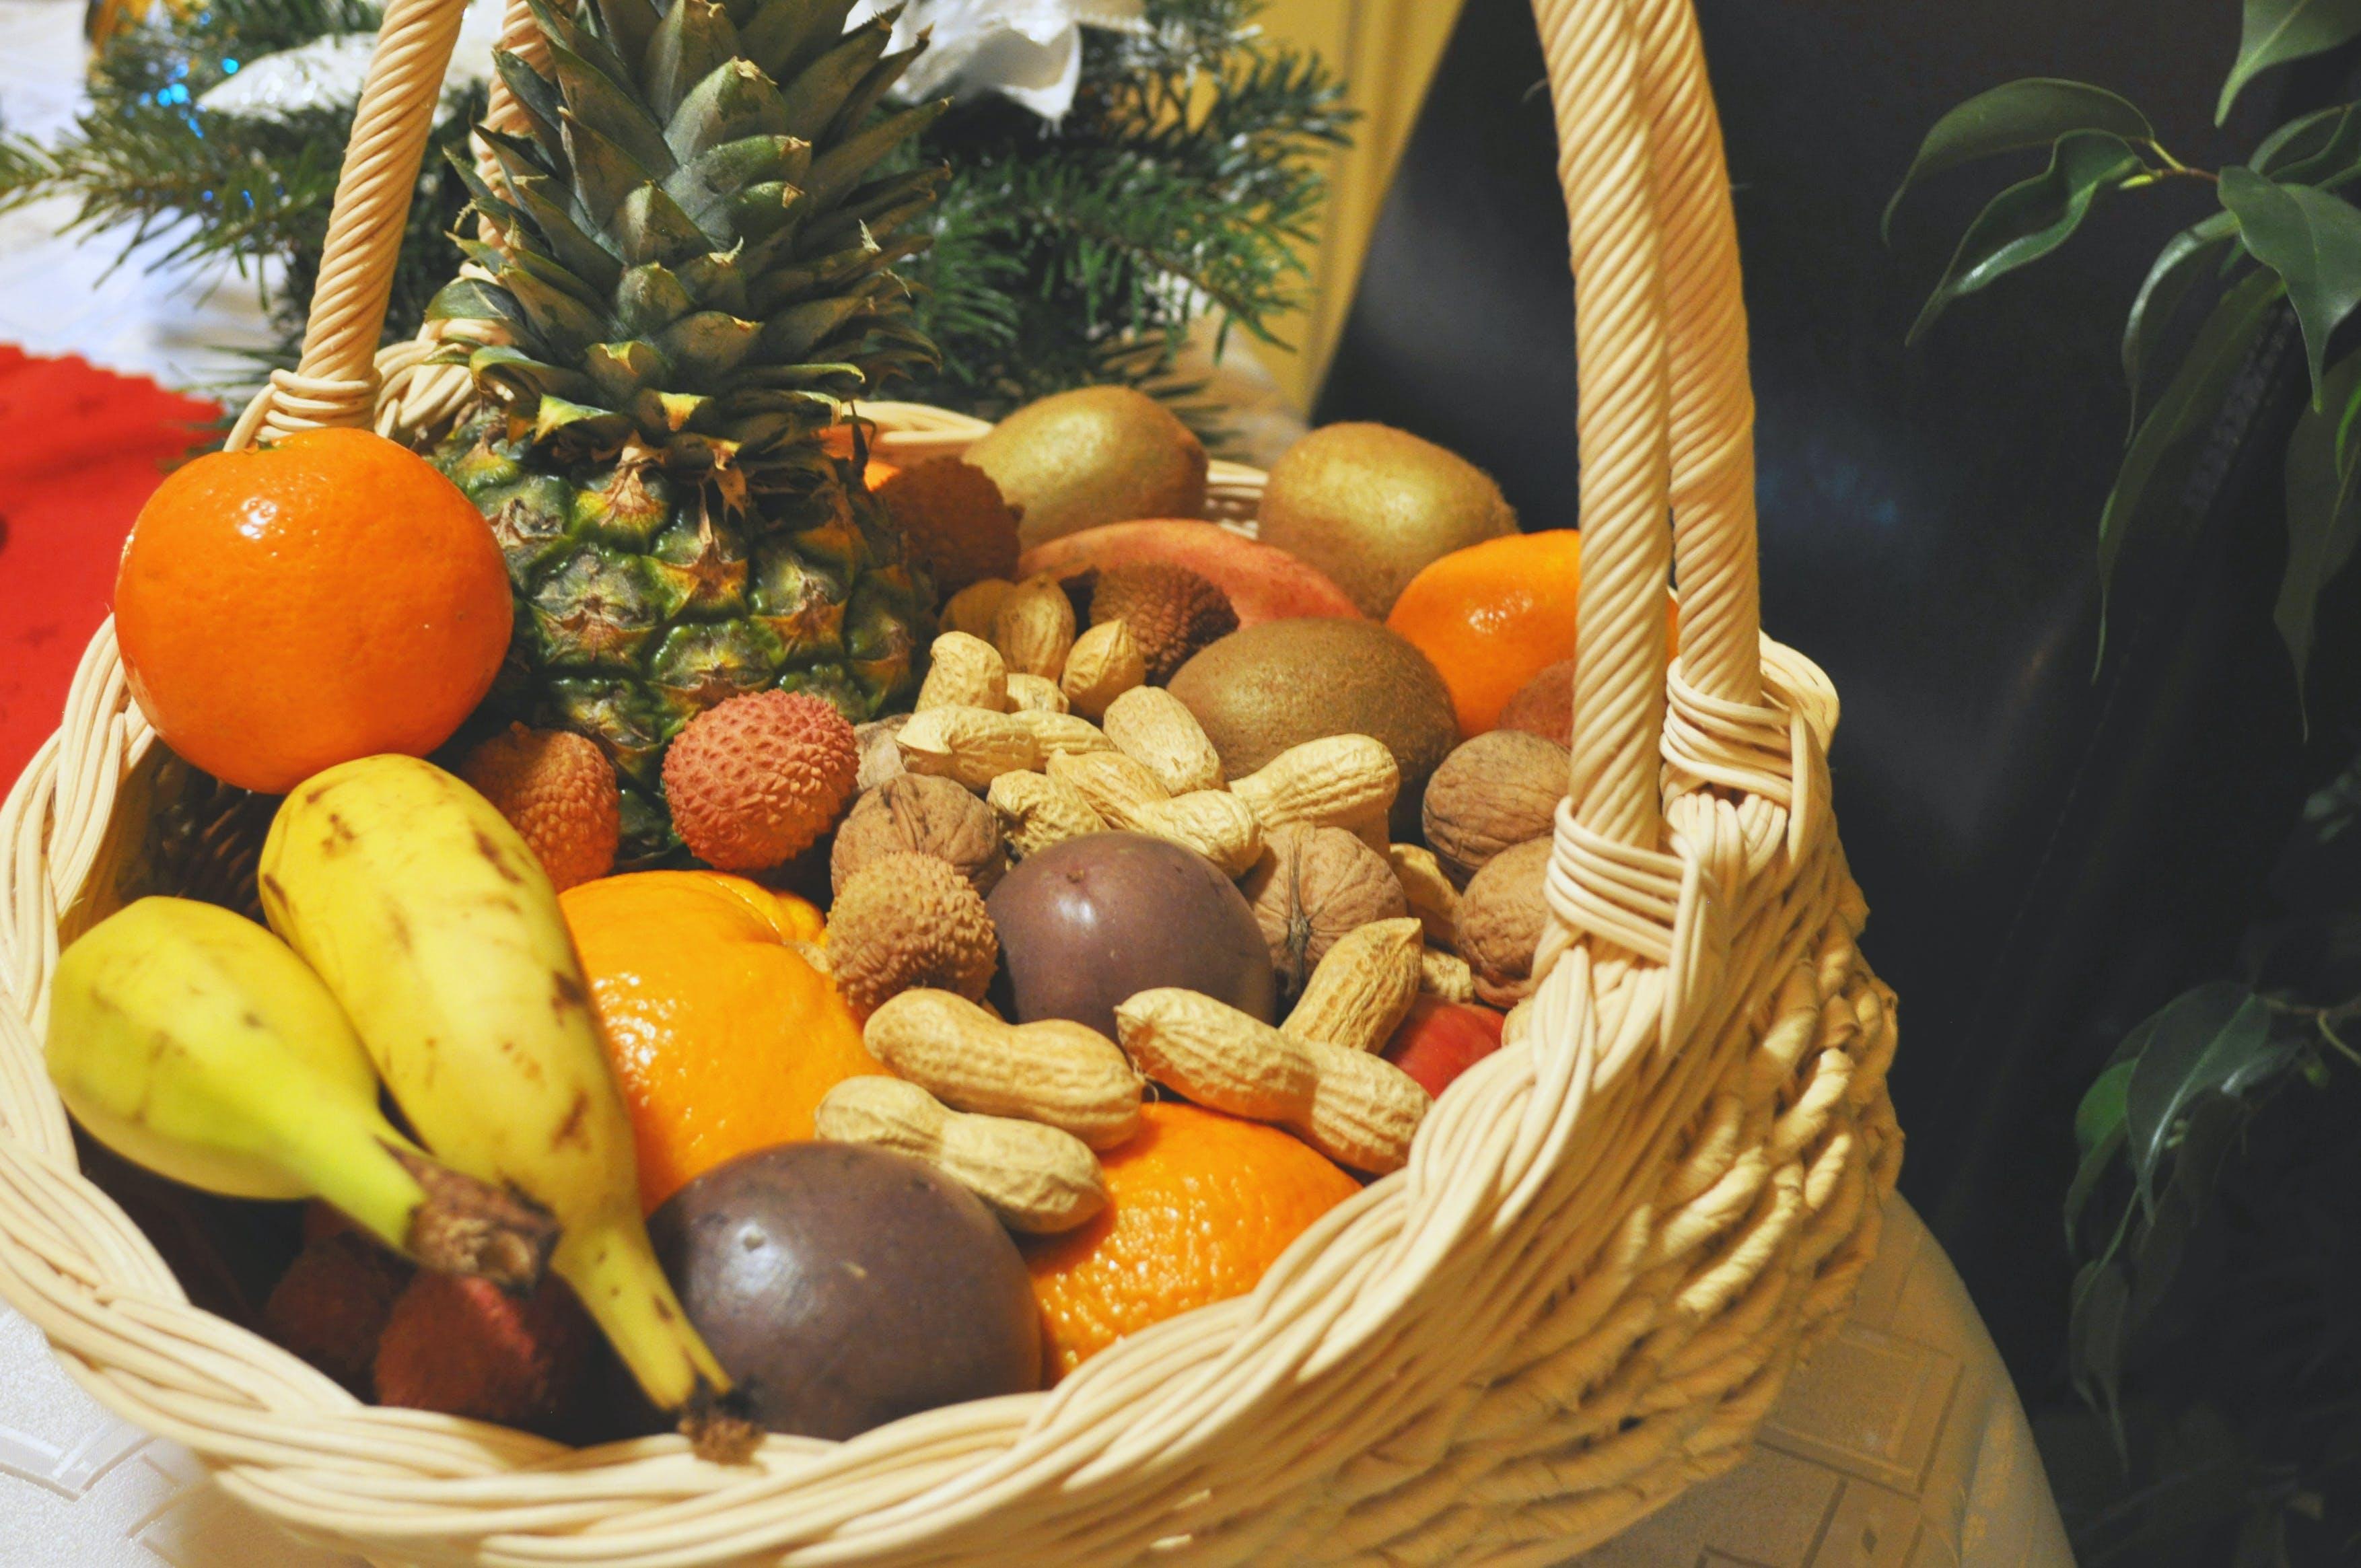 Immagine gratuita di agrume, banana, cesto di frutta, decorazione natalizia